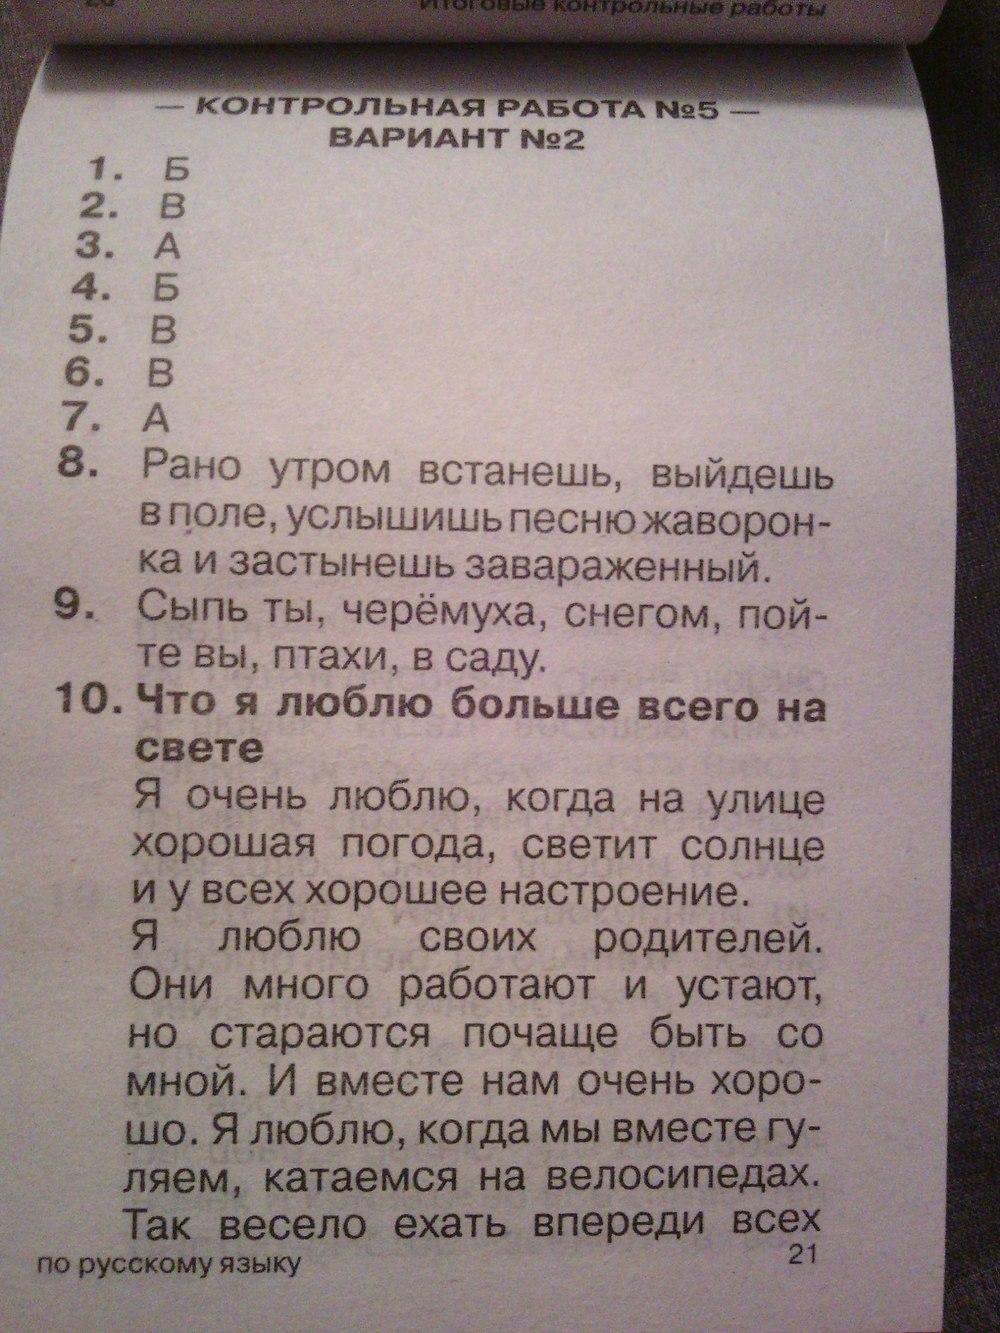 ГДЗ рабочие тетради 5 класс тесты. Задание: стр. 21